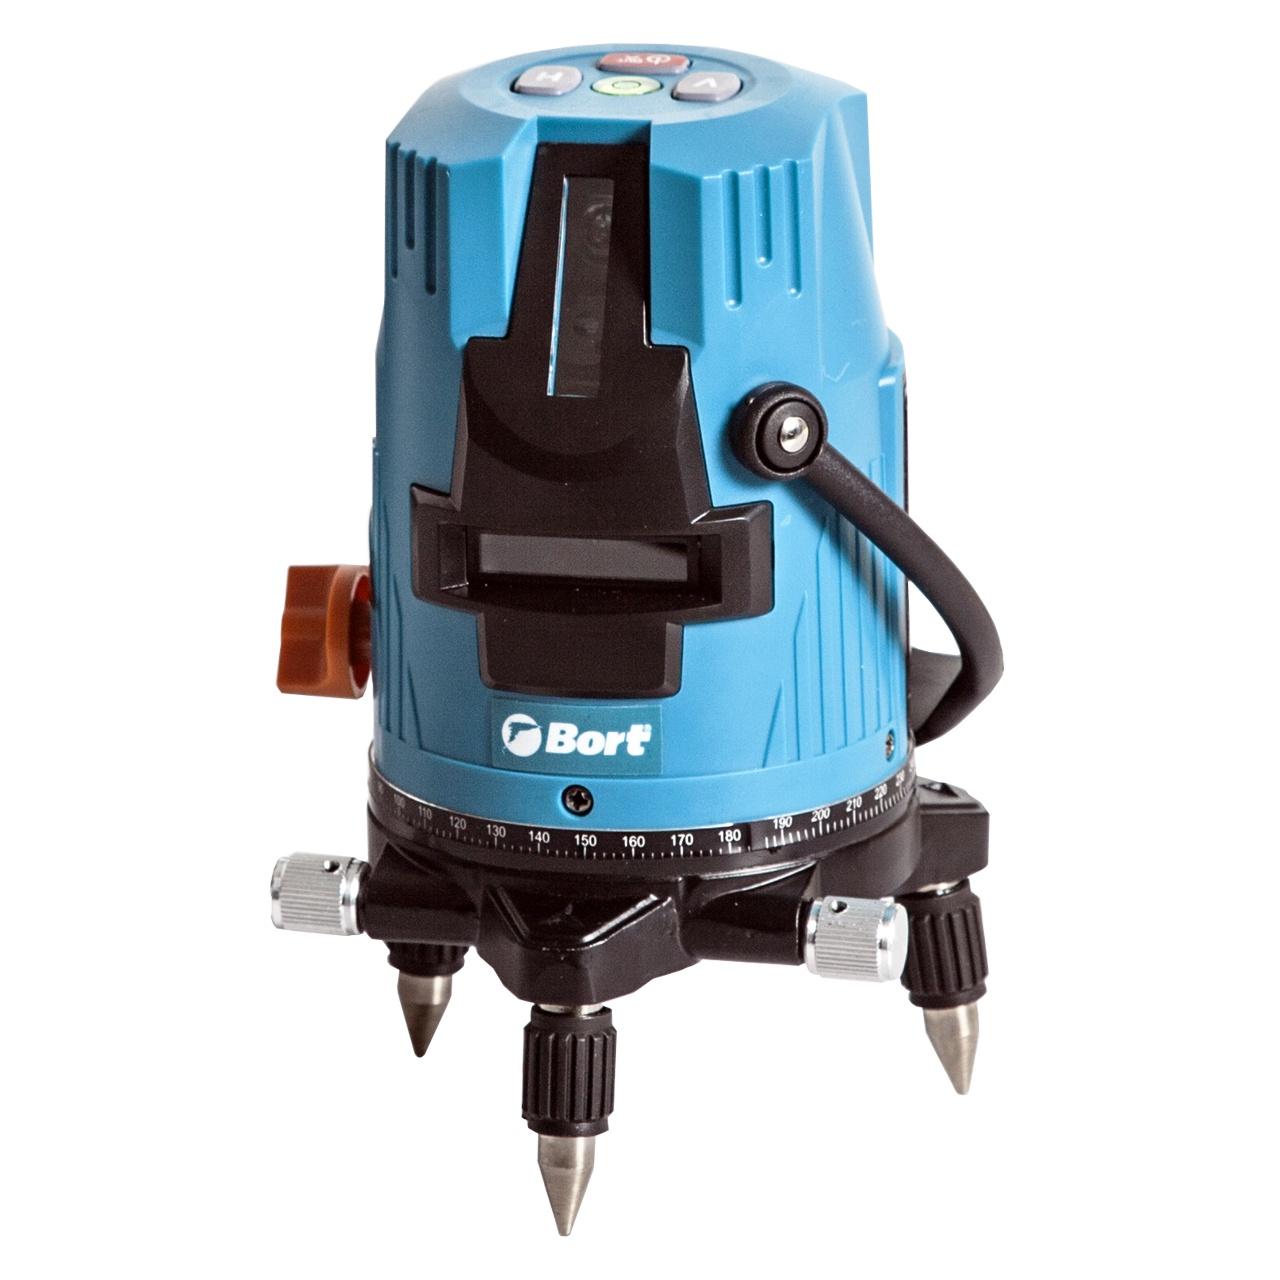 Лазерный уровень/нивелир Bort BLN-15